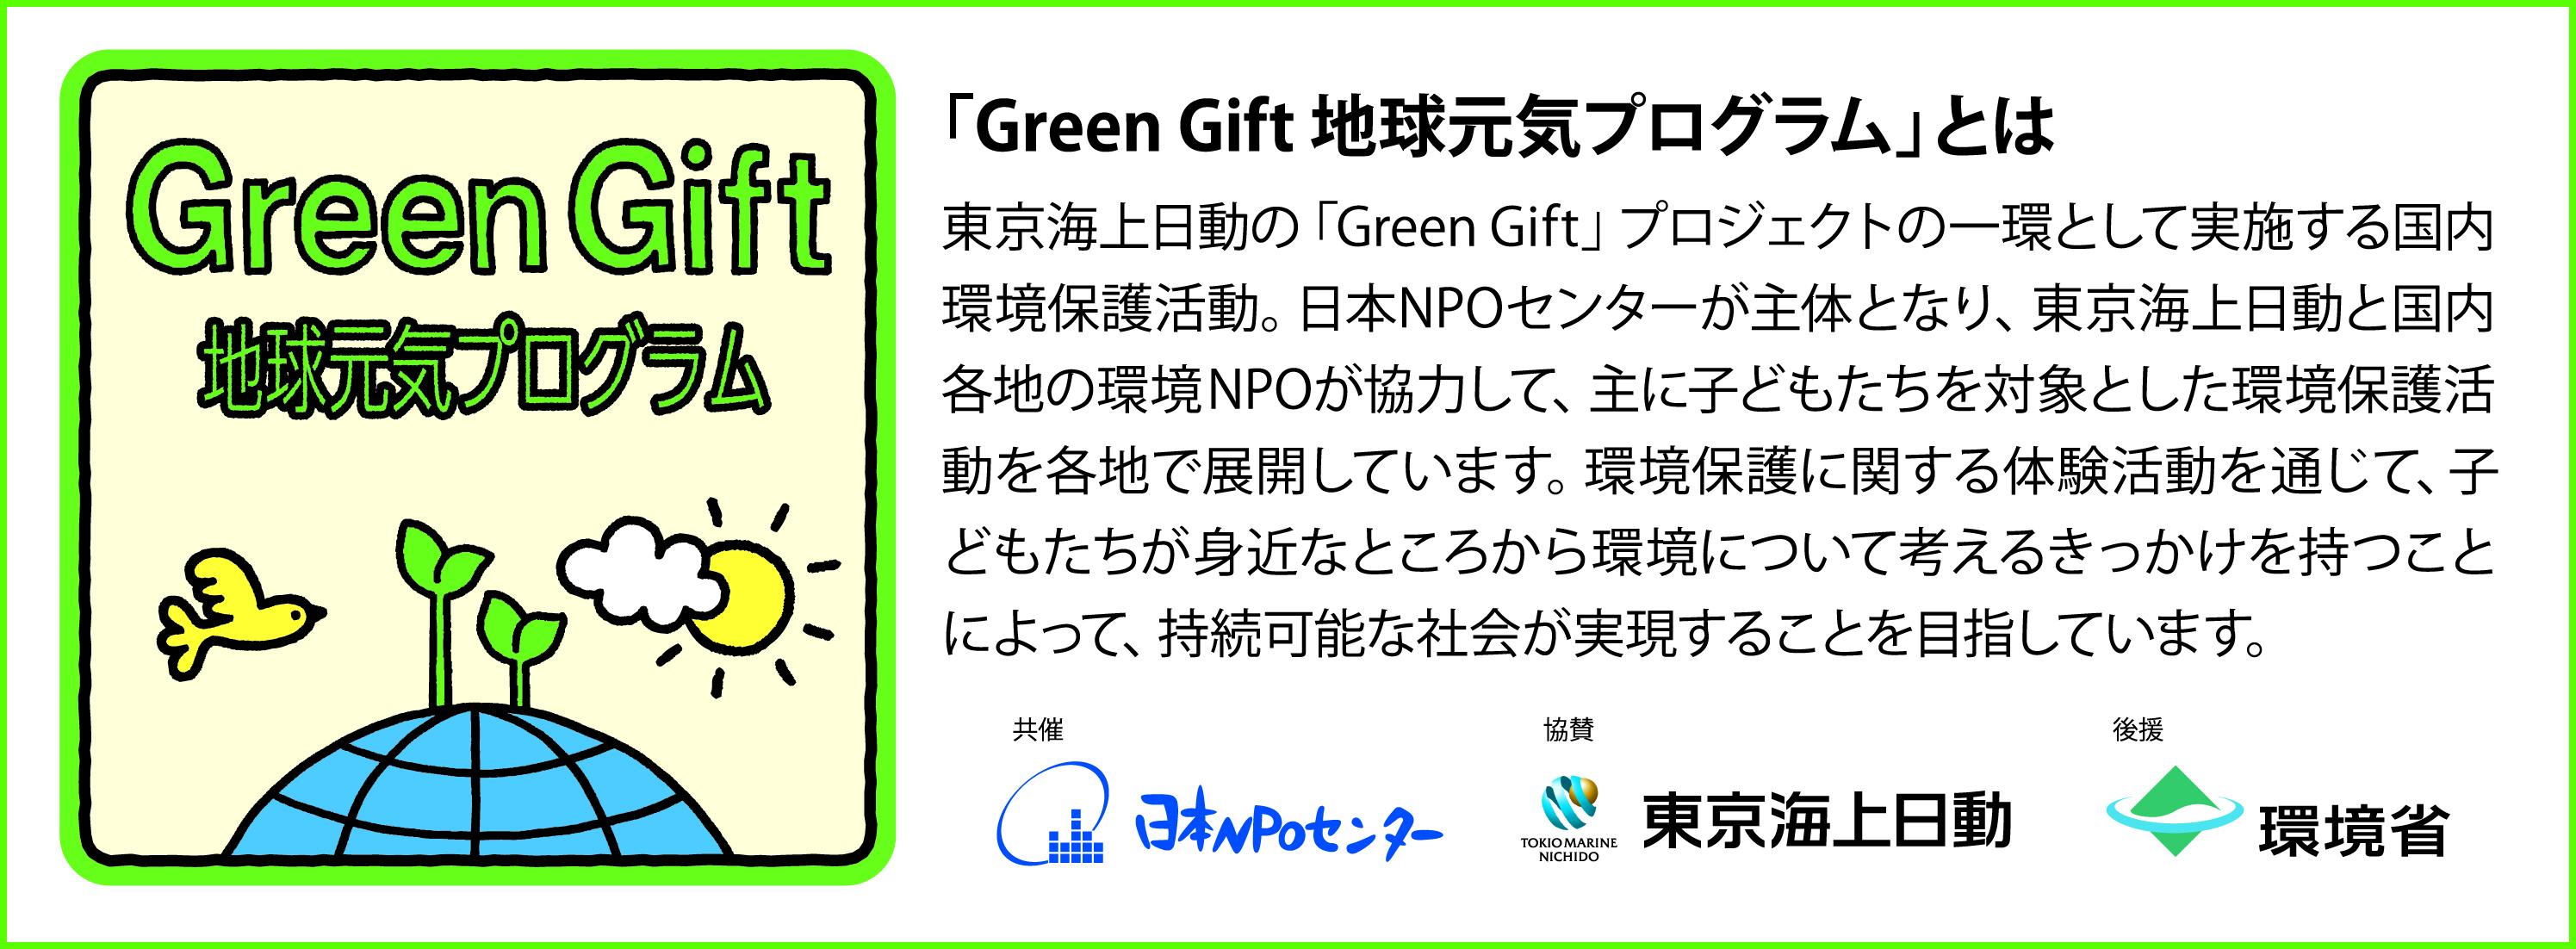 greengift_sehoke++